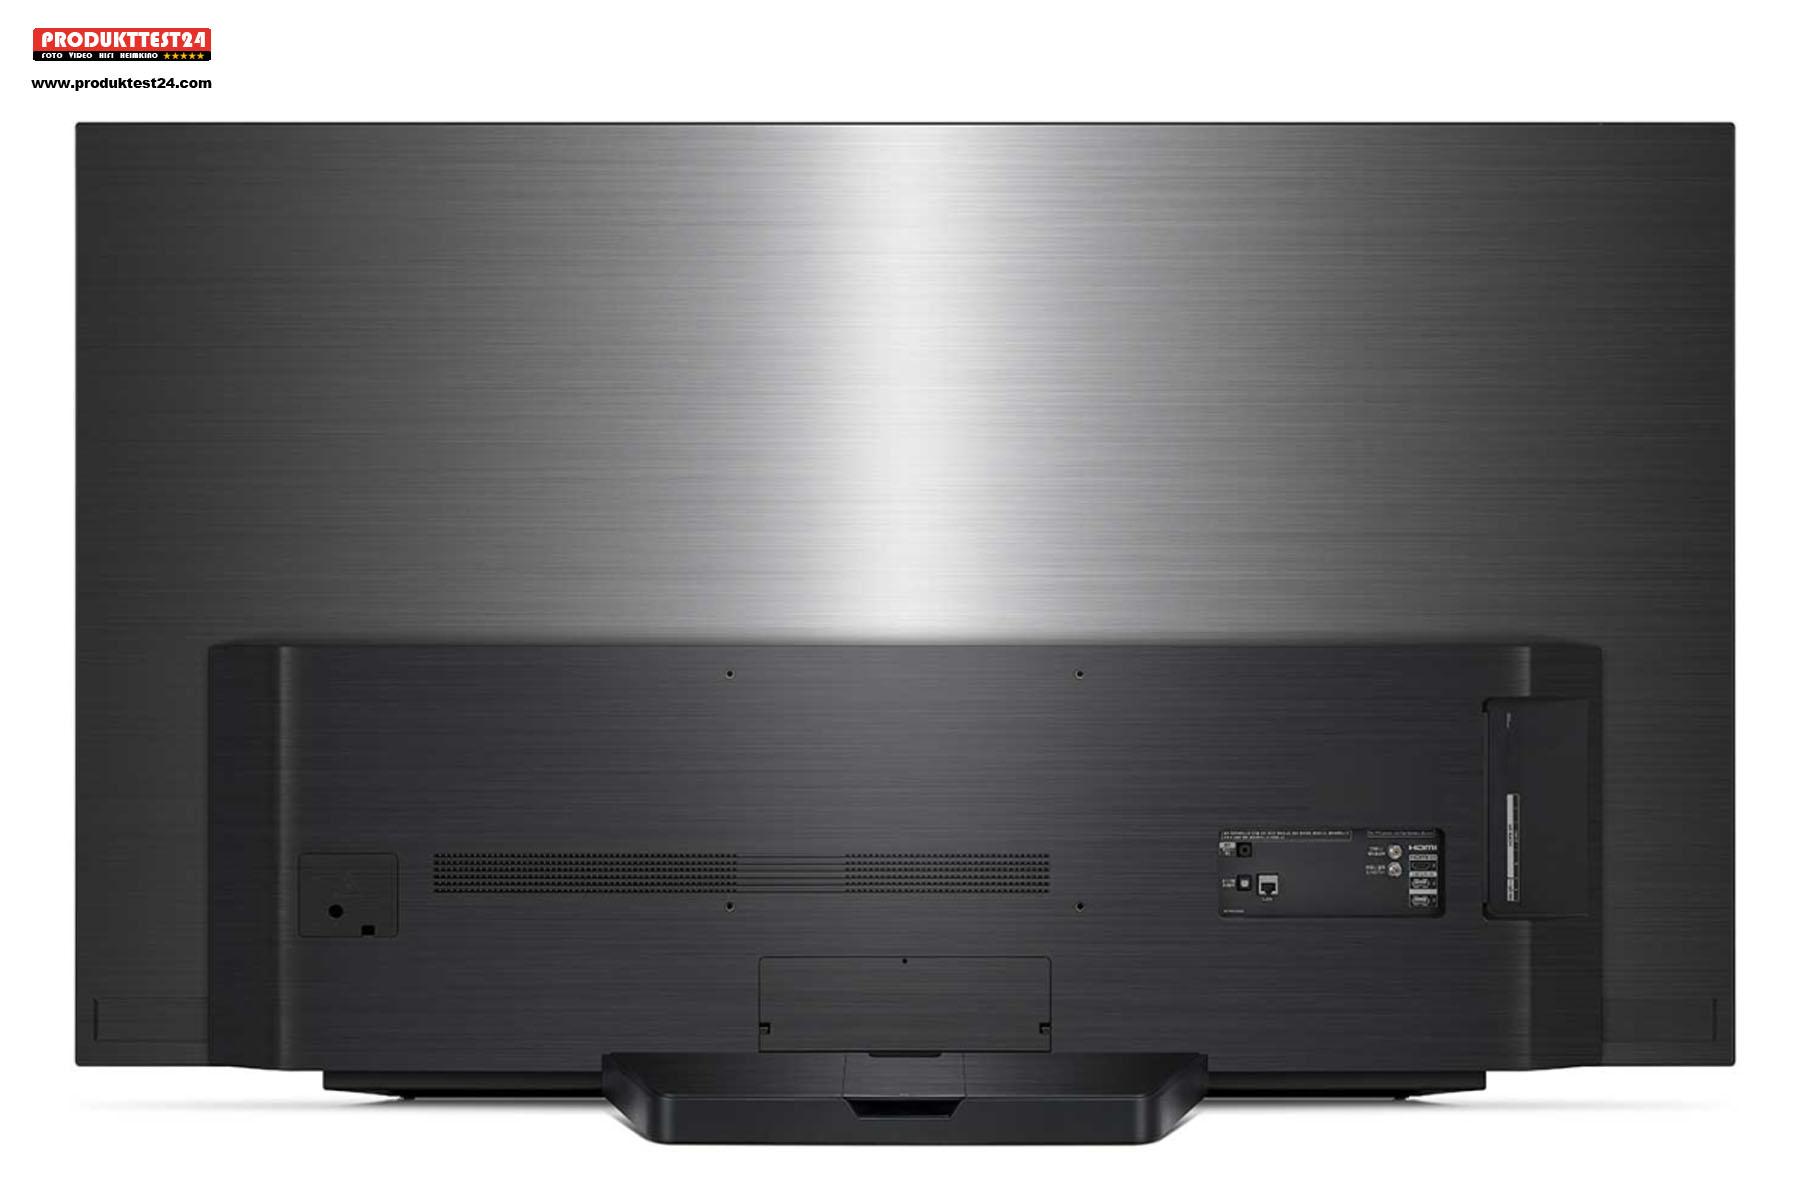 Die Rückseite des LG OLED55CX